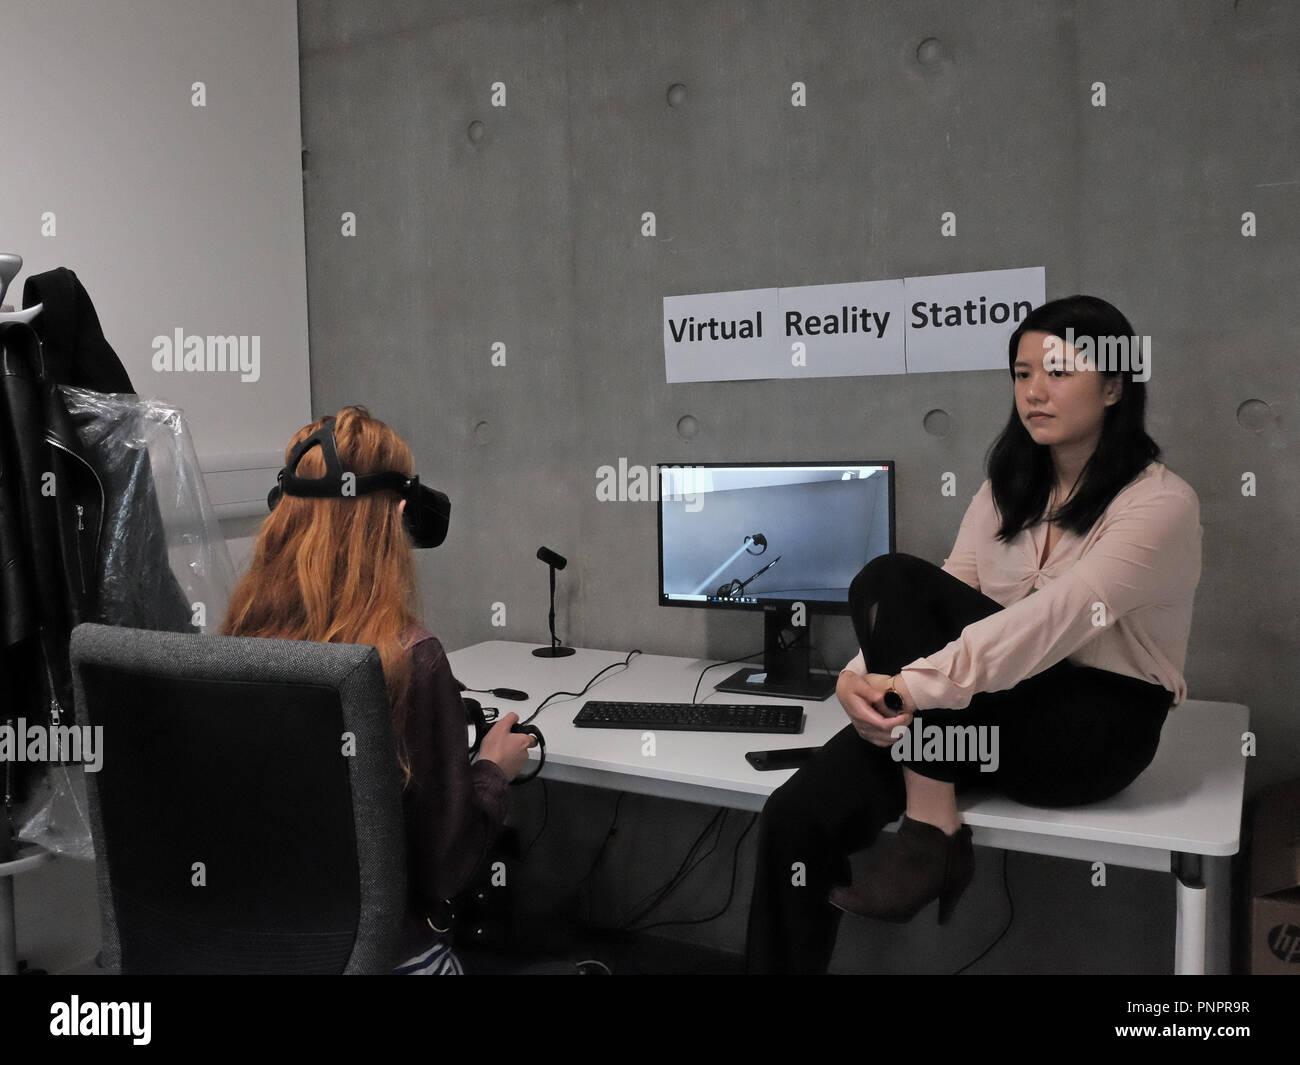 1 la vecchia strada cantiere, Old Street, Londra, Inghilterra. 22 Sett. 2018 un visitatore di AKT11 Studio gode di una realtà virtuale di dimostrazione nel corso di Open House London 2018. A collare bianco fabbrica. Credito: Judi Saunders/Alamy Live News Immagini Stock